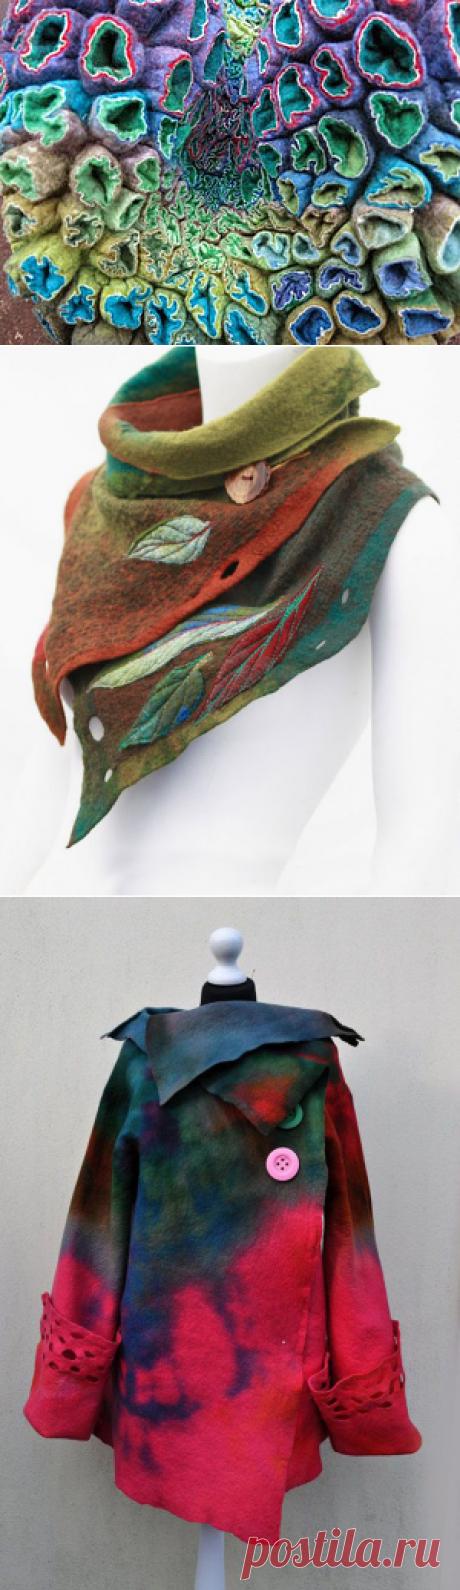 Валяные вещи: 29 оригинальных моделей одежды и аксессуаров - Ярмарка Мастеров - ручная работа, handmade